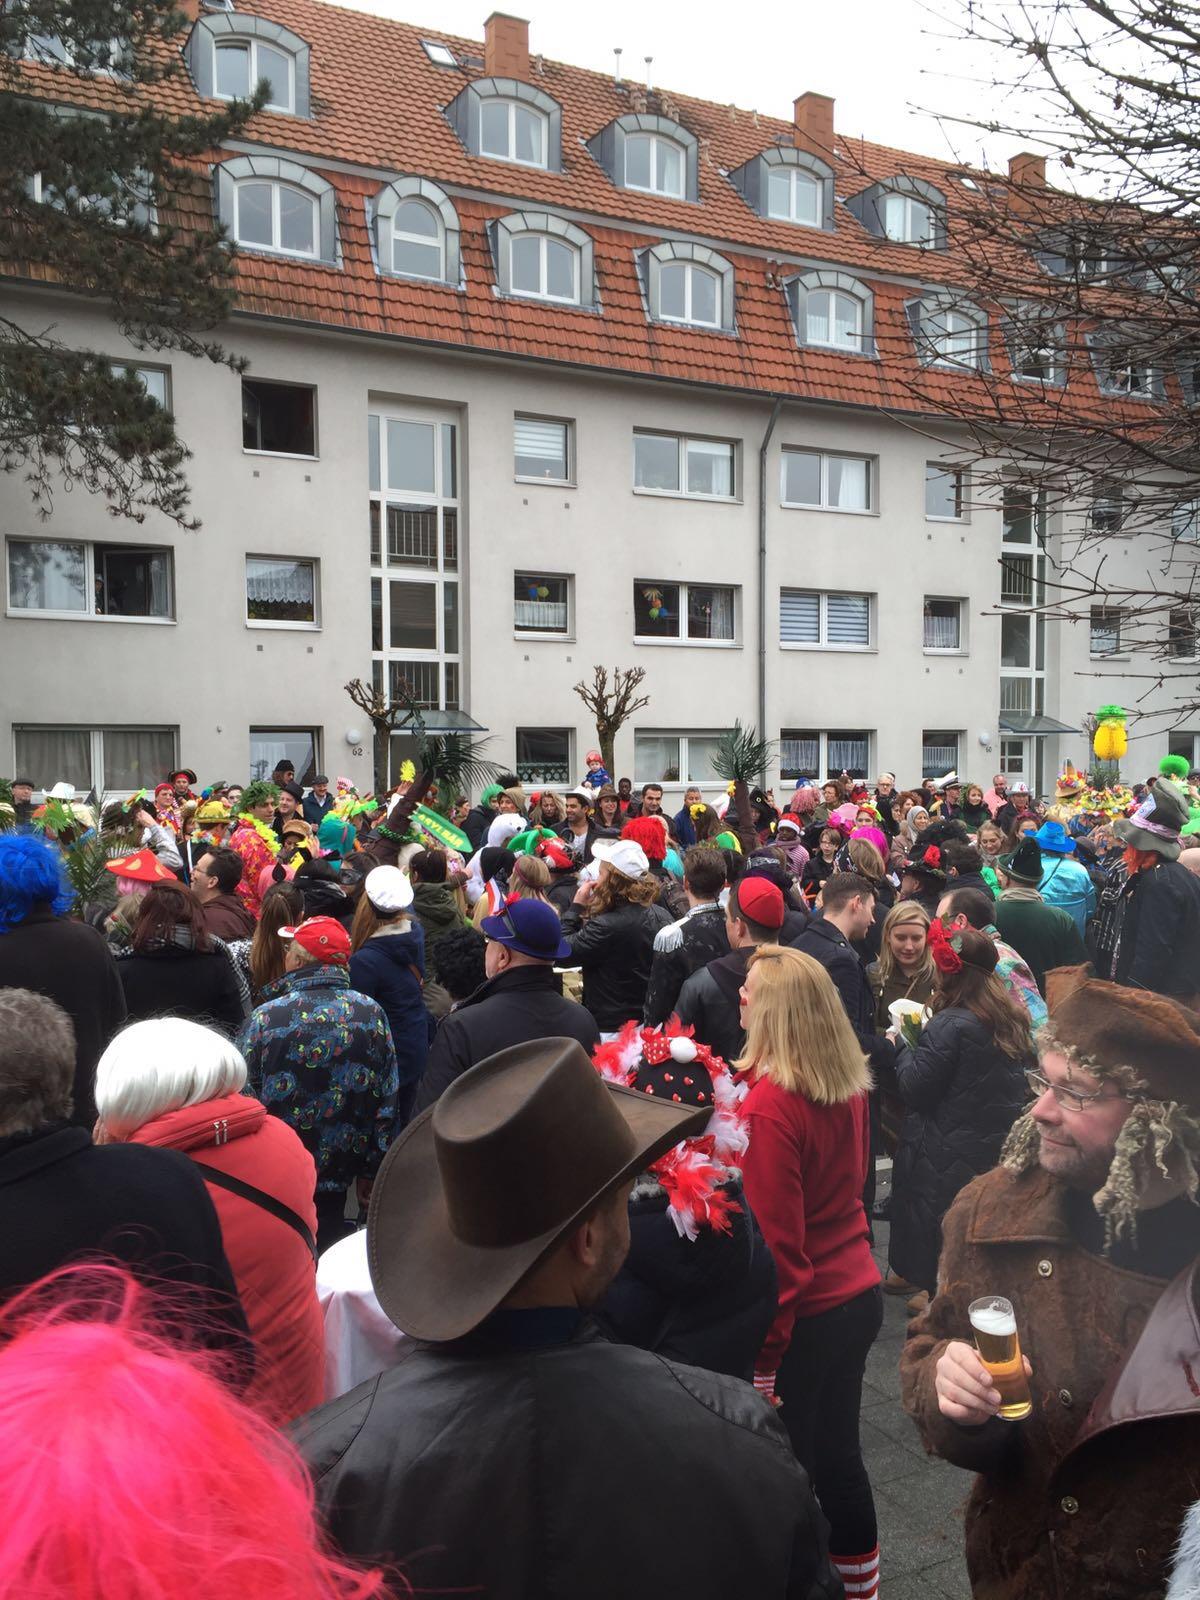 Karneval im Osteria il Nido in Köln Rodenkirchen am Karnevalssontag wenn der Zoch geht! Wir freuen uns auf Sie!